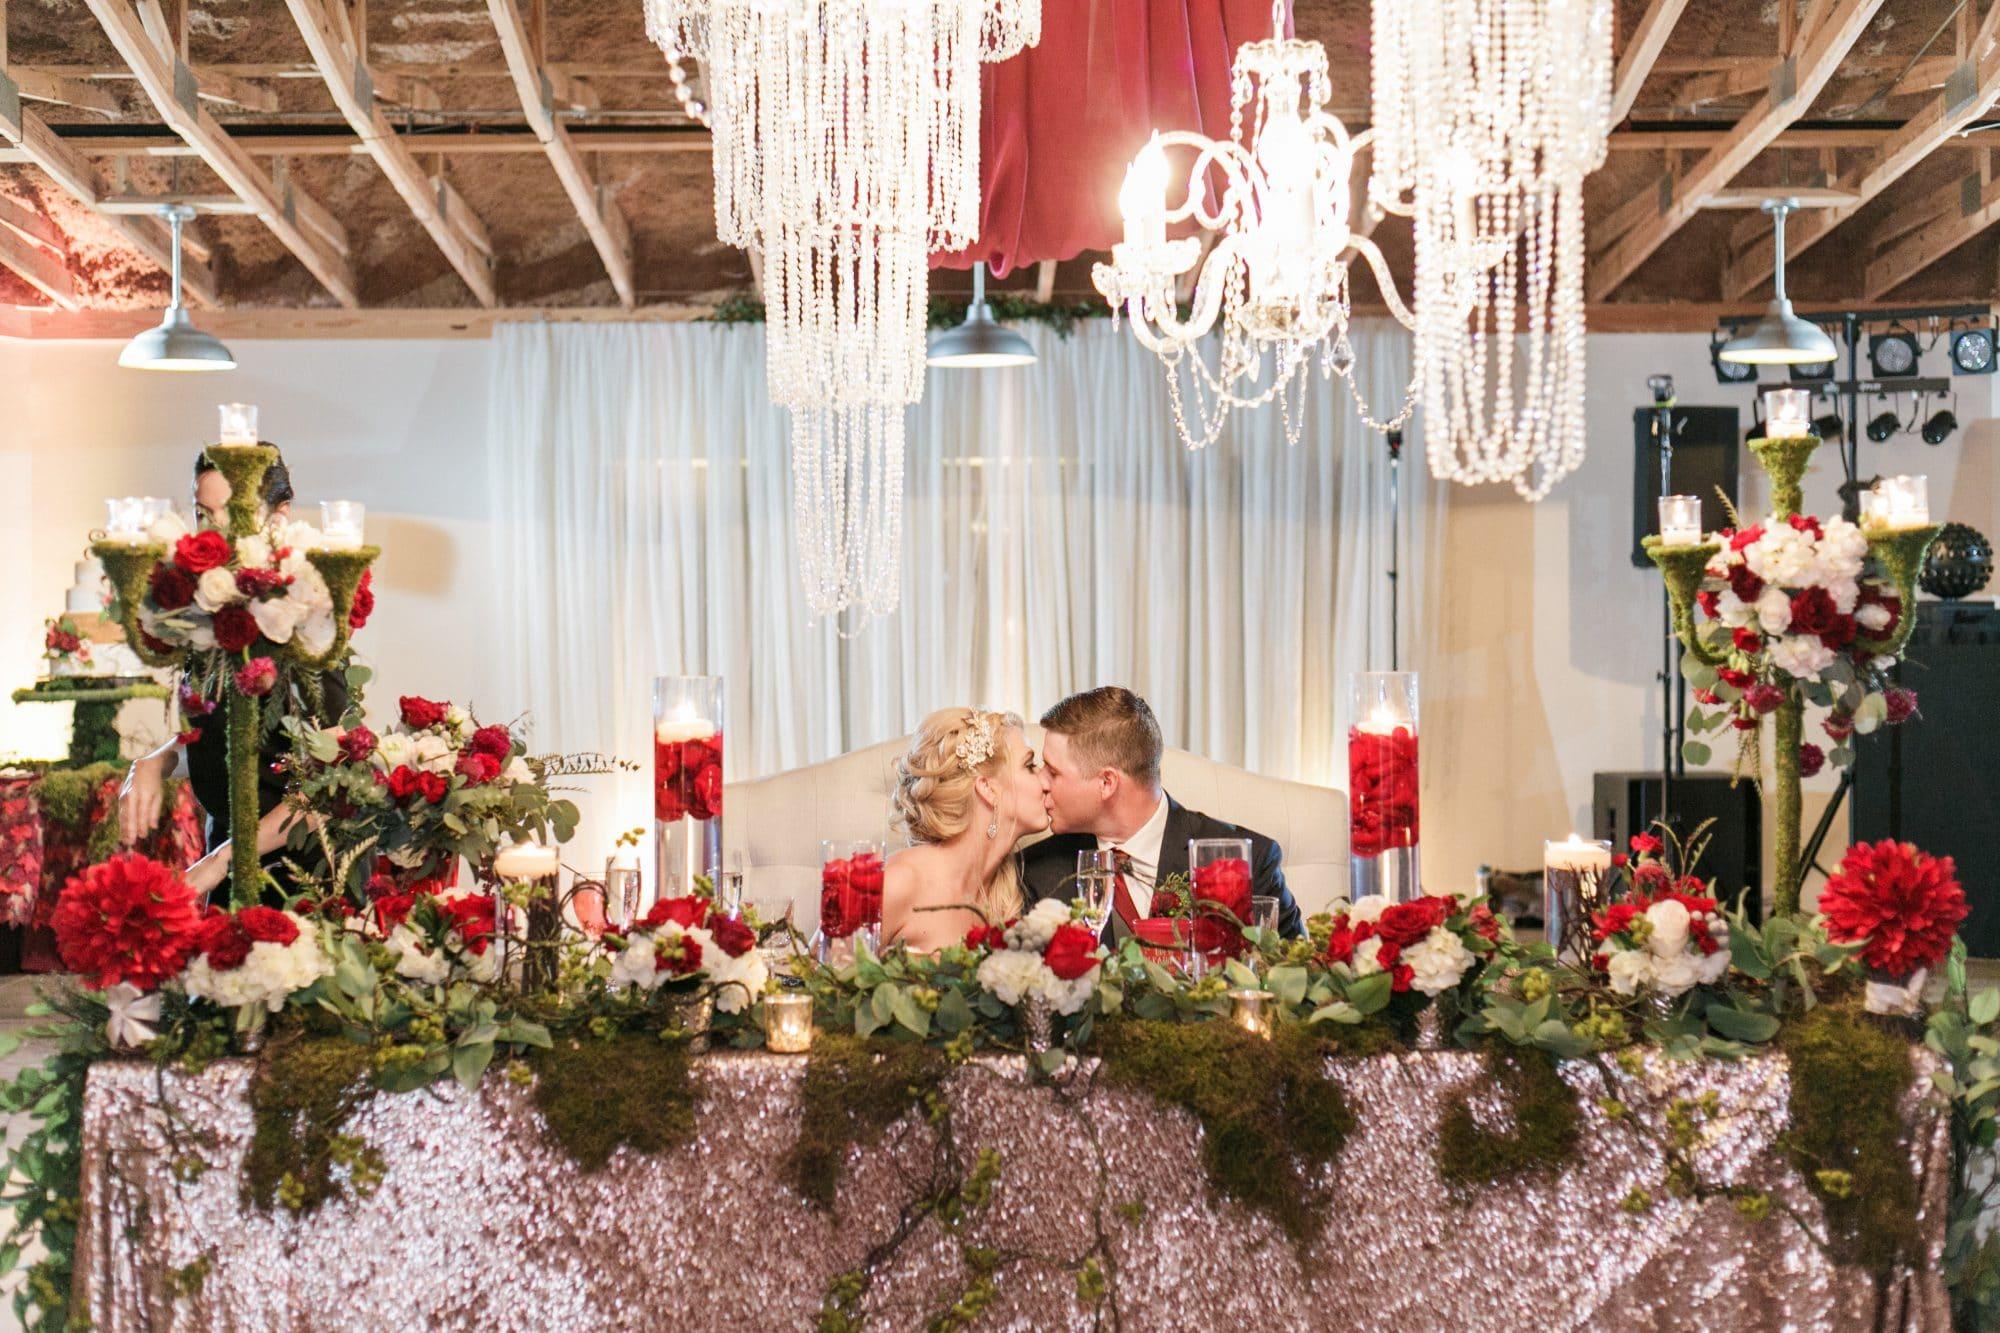 glamorous sweetheart table in rustic barn setting